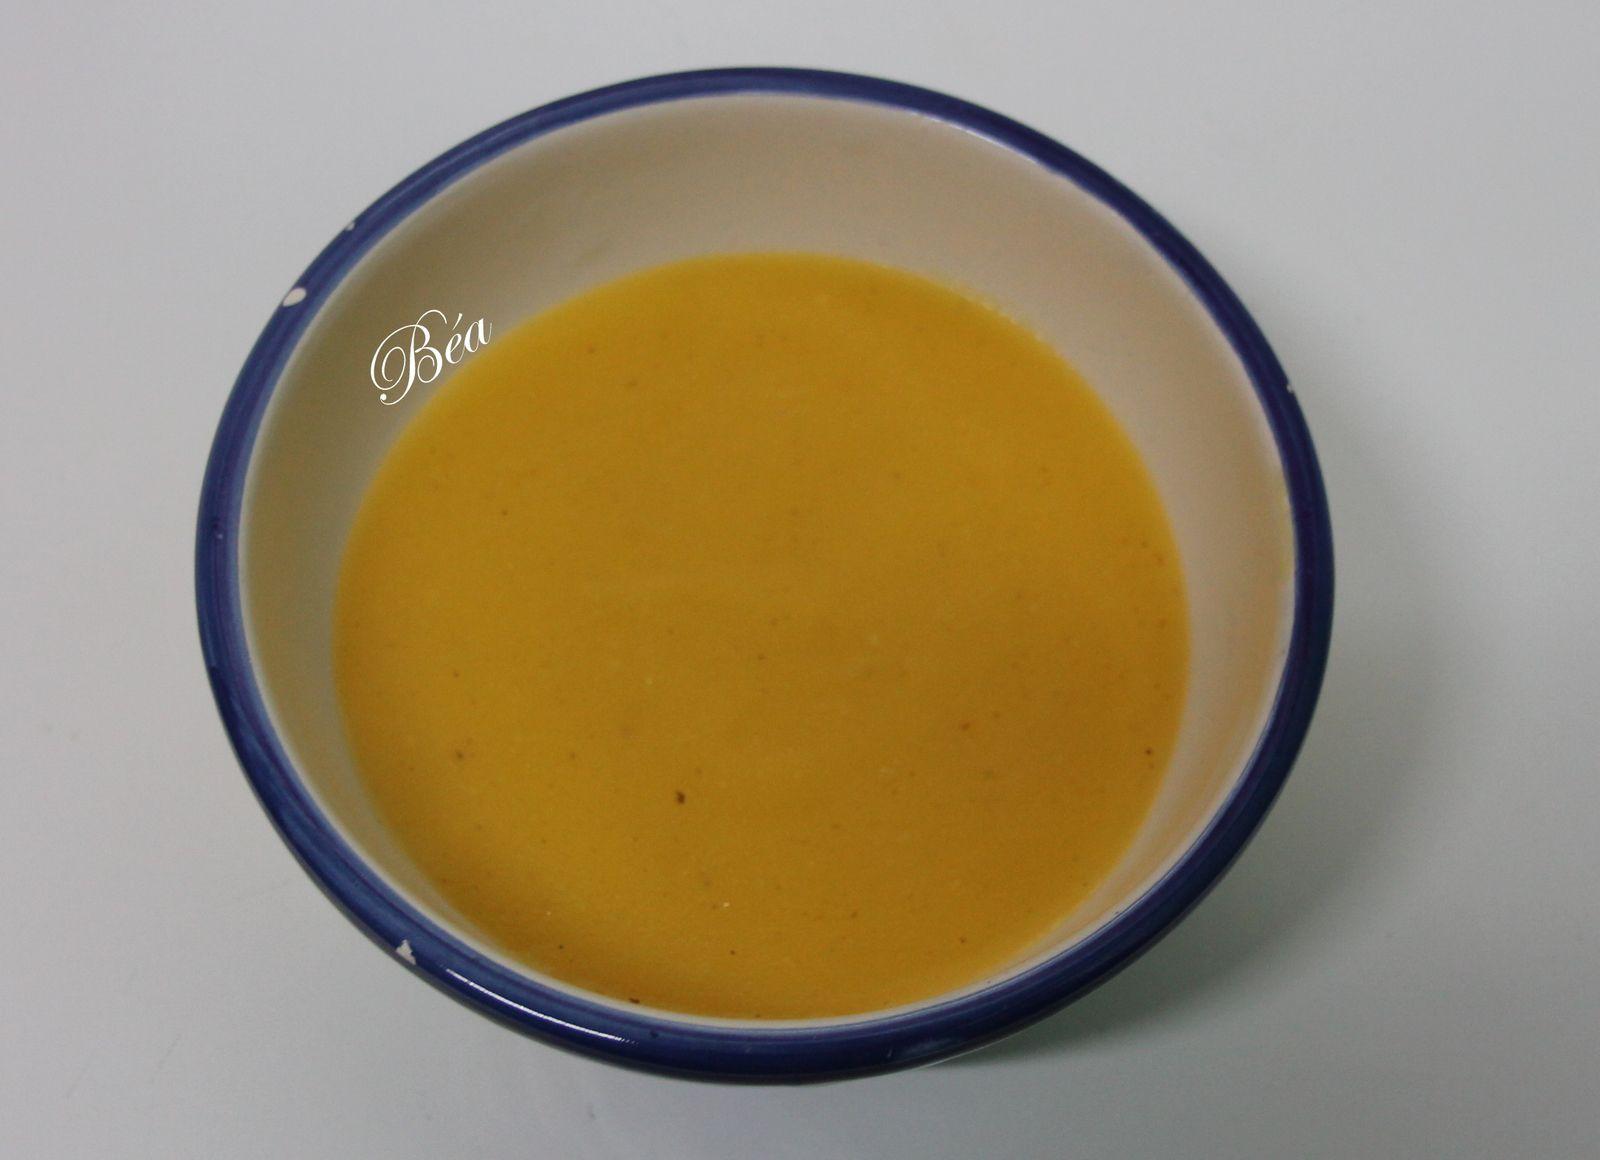 Gâteau nuage au citron meringué - bataille food # 75